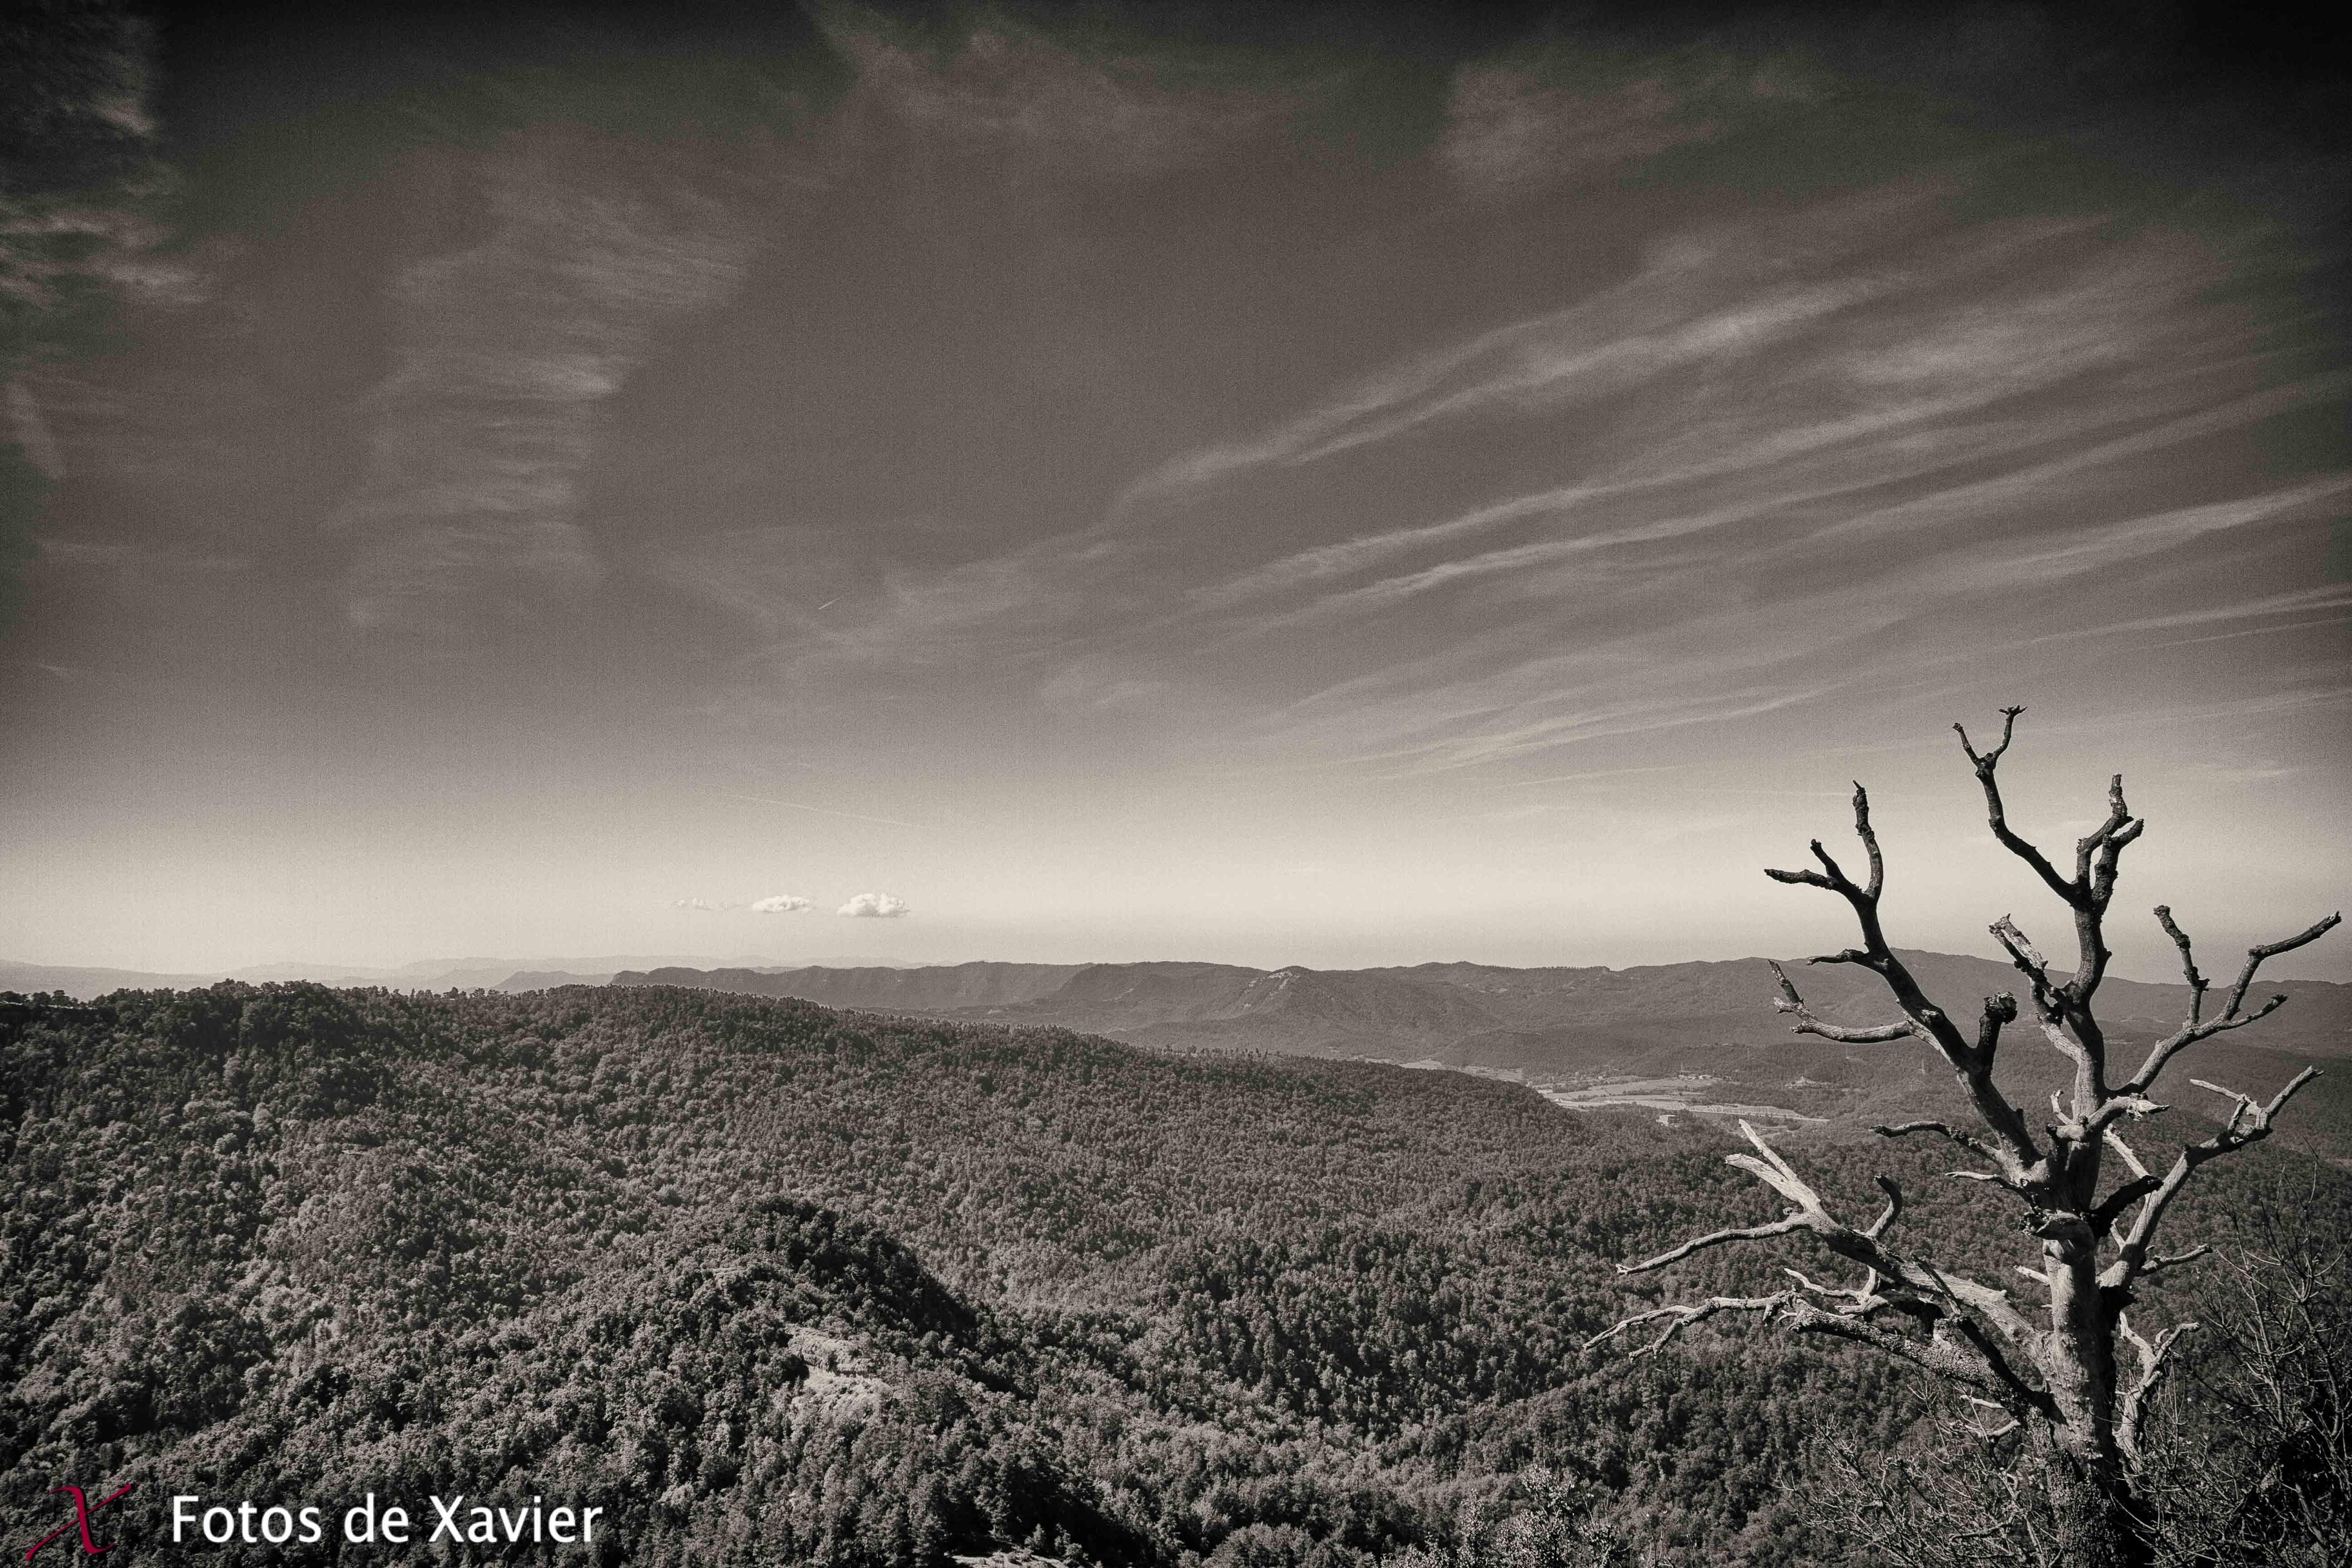 Horizontes - Blanco y negro - Fotos de Xavier. Fotografia de naturaleza y paisaje en blanco y negro. Xavier Linares